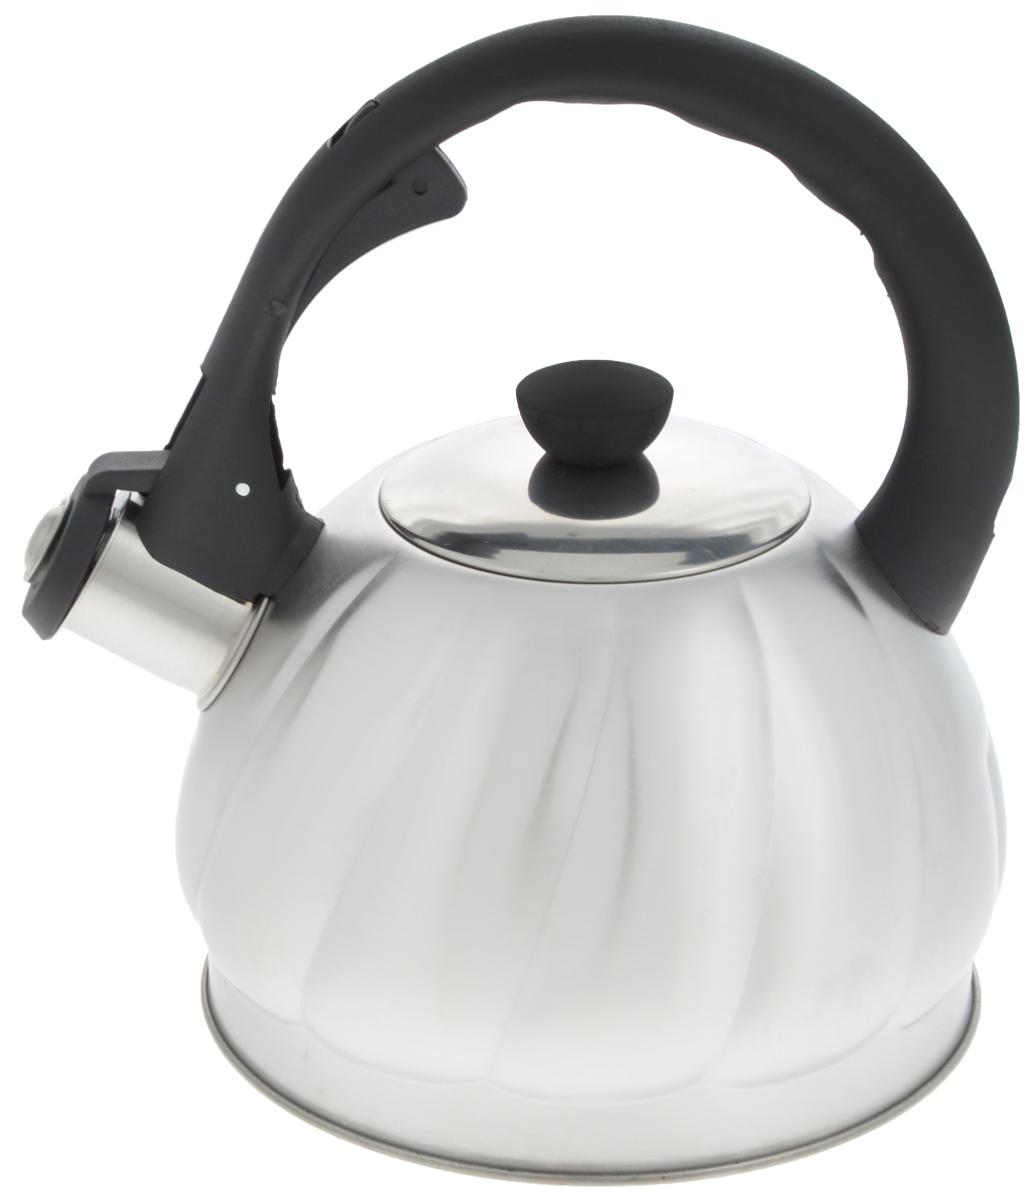 Чайник Mayer & Boch, со свистком, 2 л. 2589654 009312Чайник со свистком Mayer & Boch изготовлен из высококачественной нержавеющей стали, что обеспечивает долговечность использования. Носик чайника оснащен откидным свистком, звуковой сигнал которого подскажет, когда закипит вода. Свисток открывается нажатием кнопки на фиксированной ручке, сделанной из пластика. Чайник Mayer & Boch - качественное исполнение и стильное решение для вашей кухни. Подходит для всех типов плит, включая индукционные. Можно мыть в посудомоечной машине. Высота чайника (с учетом ручки и крышки): 22,5 см.Высота чайника (без учета ручки и крышки): 12 см.Диаметр чайника (по верхнему краю): 9 см.Диаметр основания: 16,5 см.